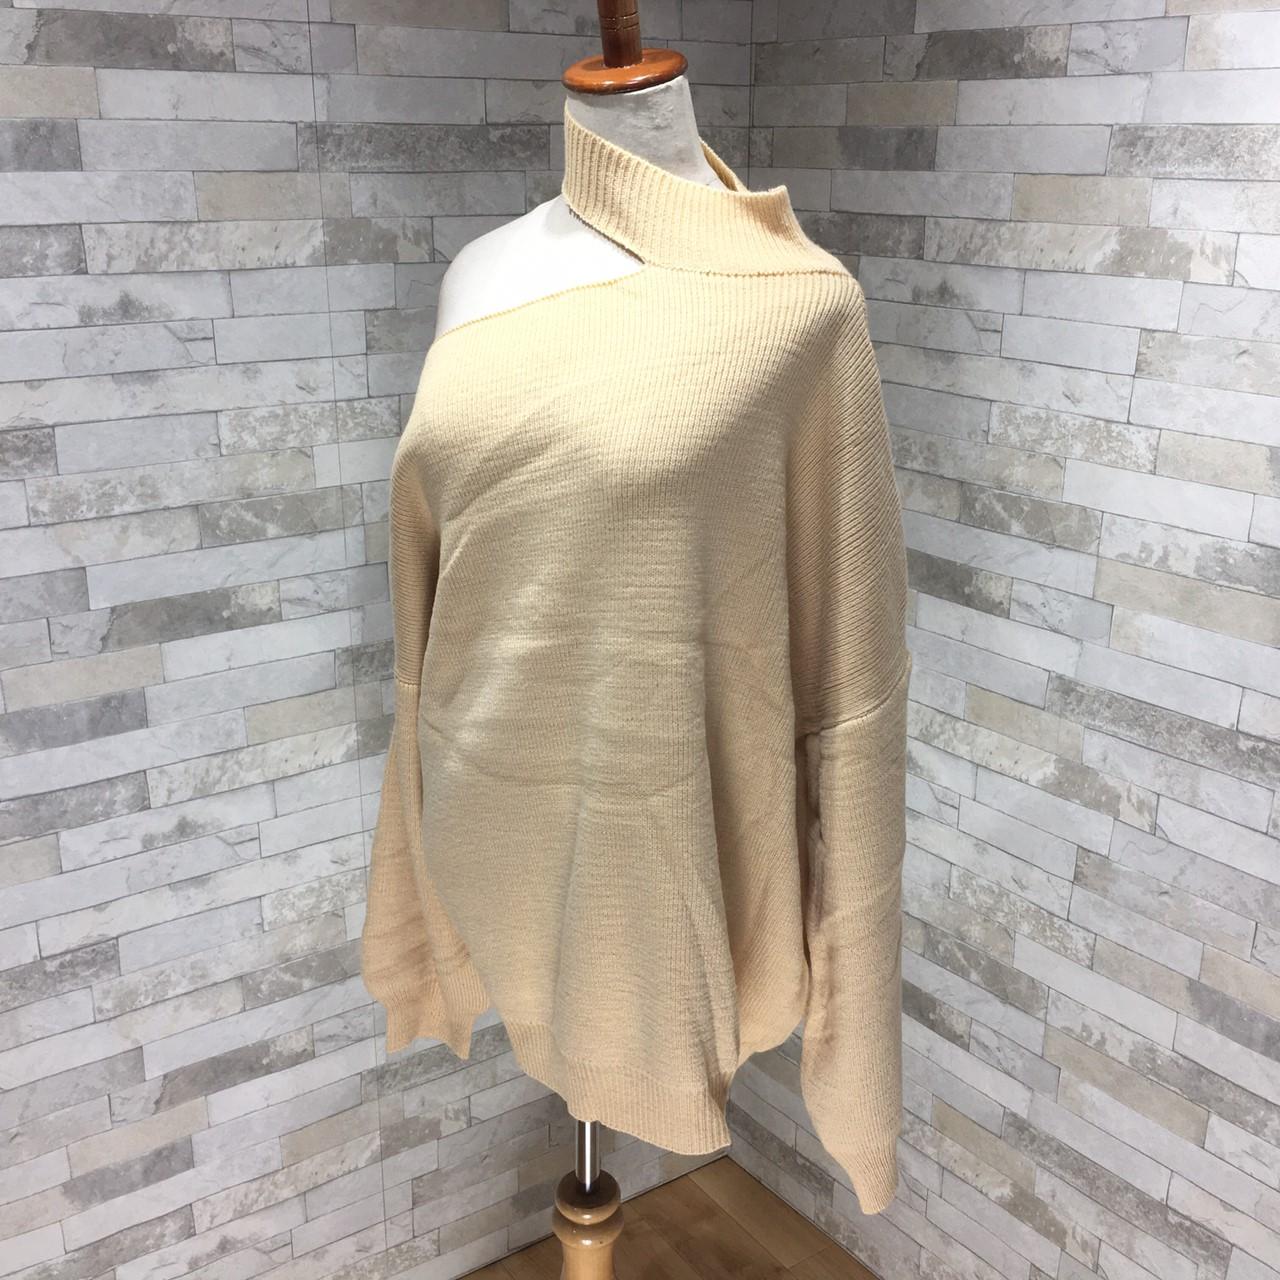 韓国 ファッション トップス ニット セーター 秋 冬 カジュアル PTXG443  アシンメトリー カットオフ 肌見せ リブニット オルチャン シンプル 定番 セレカジの写真12枚目